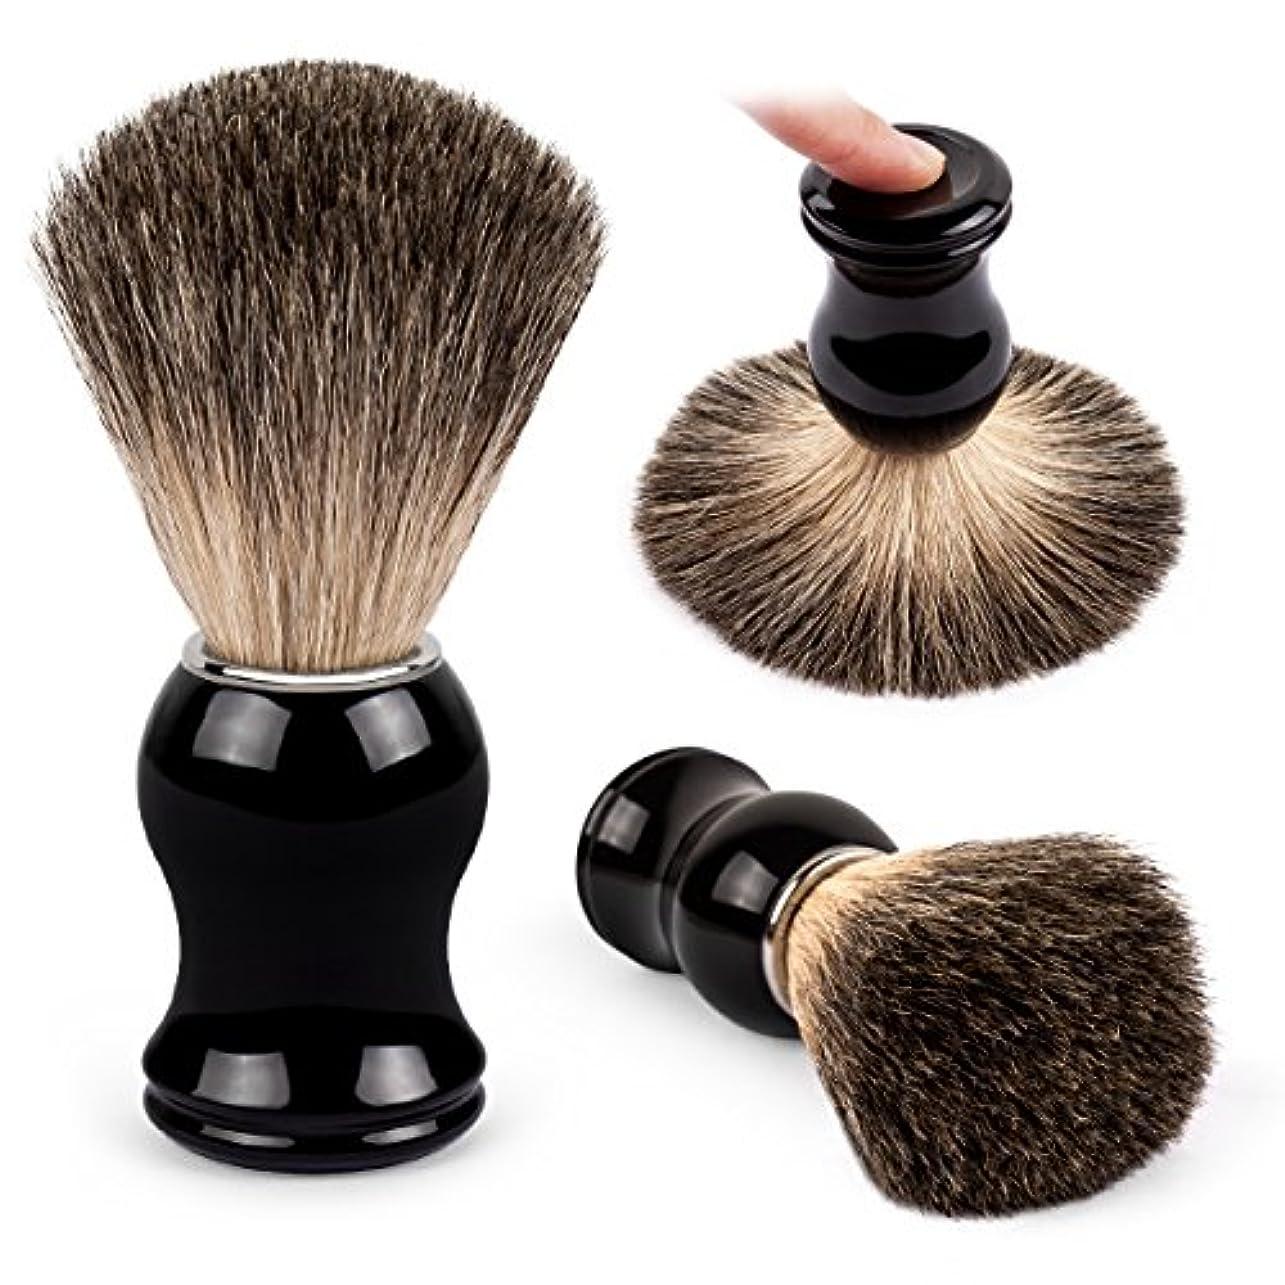 壁紙フットボール傑出したQSHAVE 100%最高級アナグマ毛オリジナルハンドメイドシェービングブラシ。高品質樹脂ハンドル。ウェットシェービング、安全カミソリ、両刃カミソリに最適